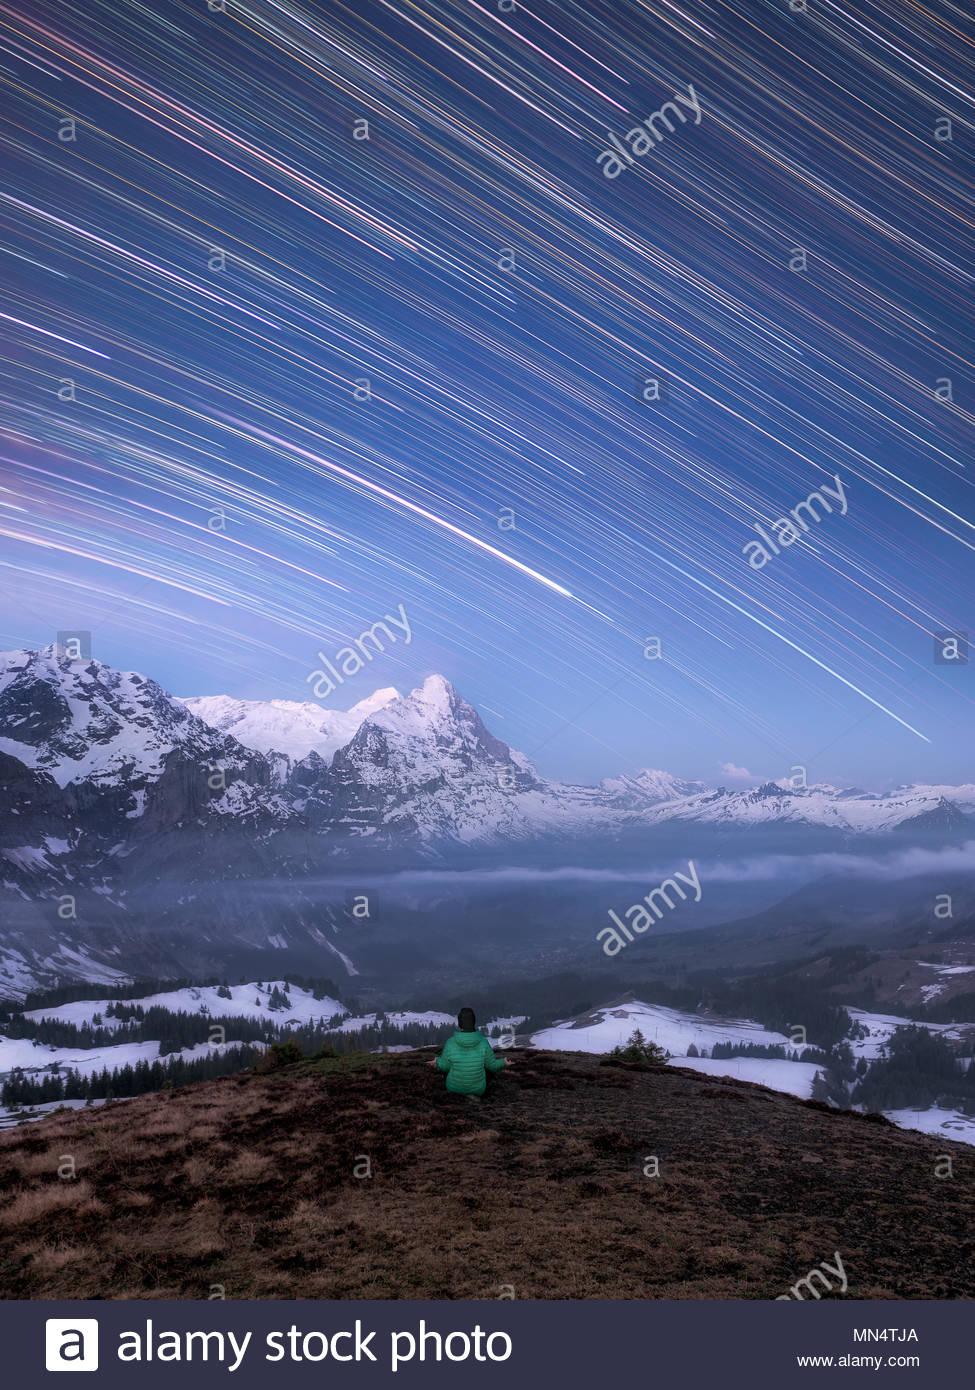 Un hombre sentado bajo el cielo nocturno en las montañas meditando, shooting star como estelas de estrellas de la rotación de la tierra y cubiertos de nieve, paisaje alpino Imagen De Stock